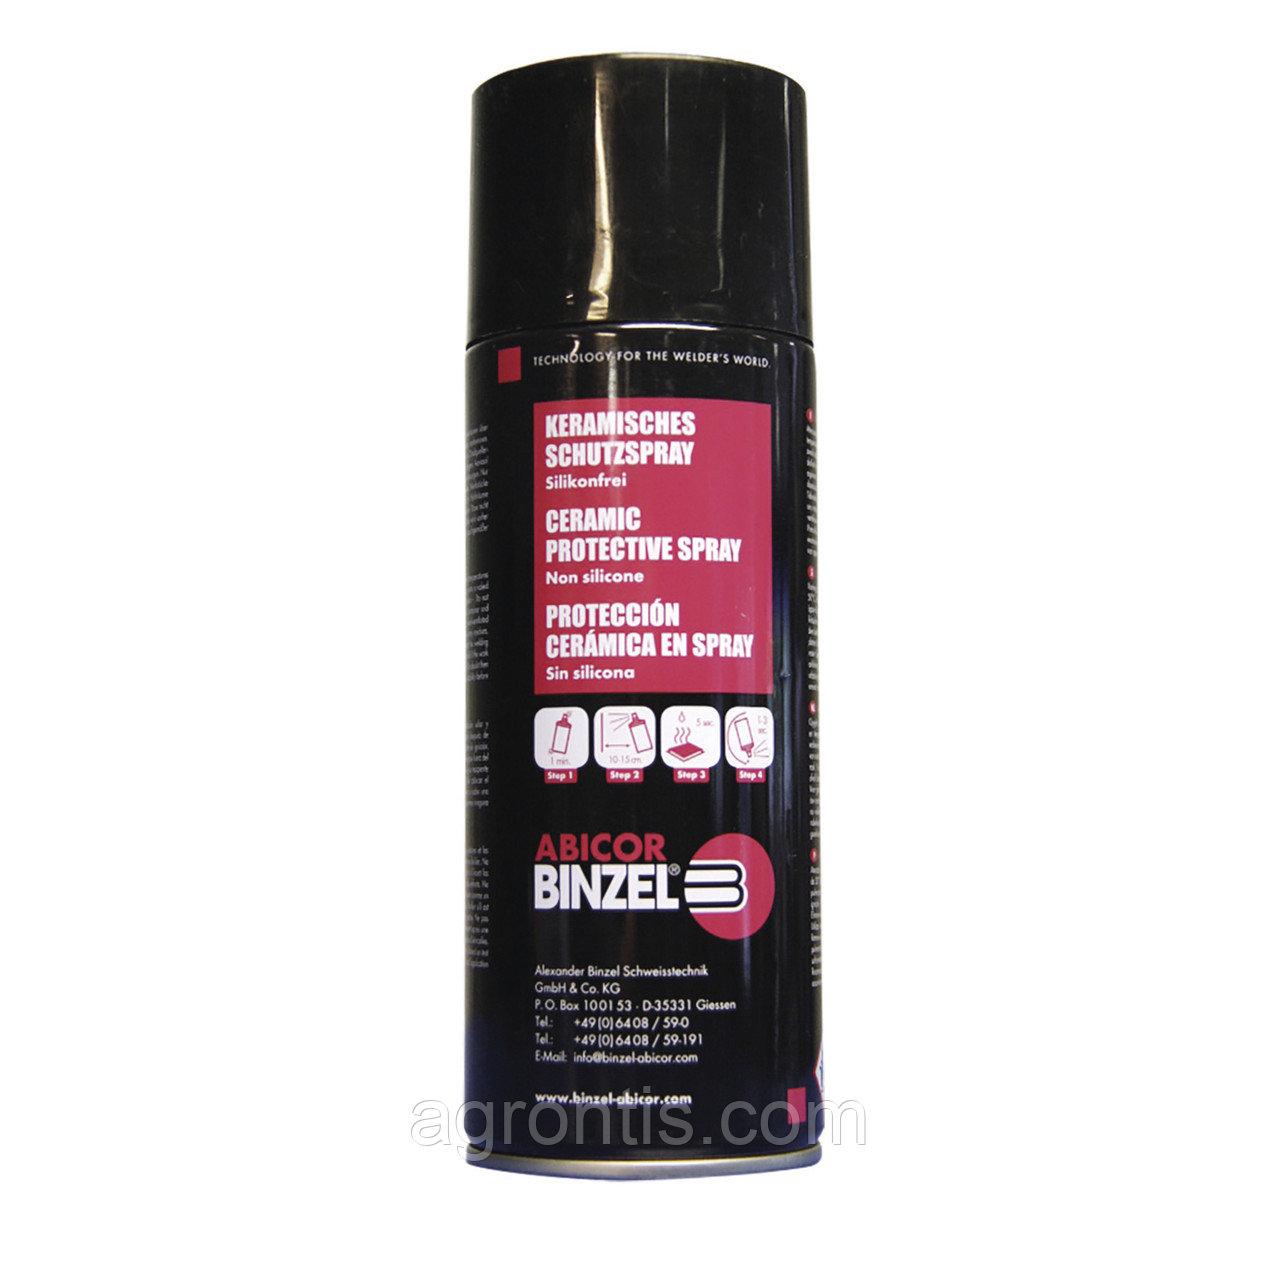 Керамический защитный спрей,400 мл (ABICOR BINZEL®)